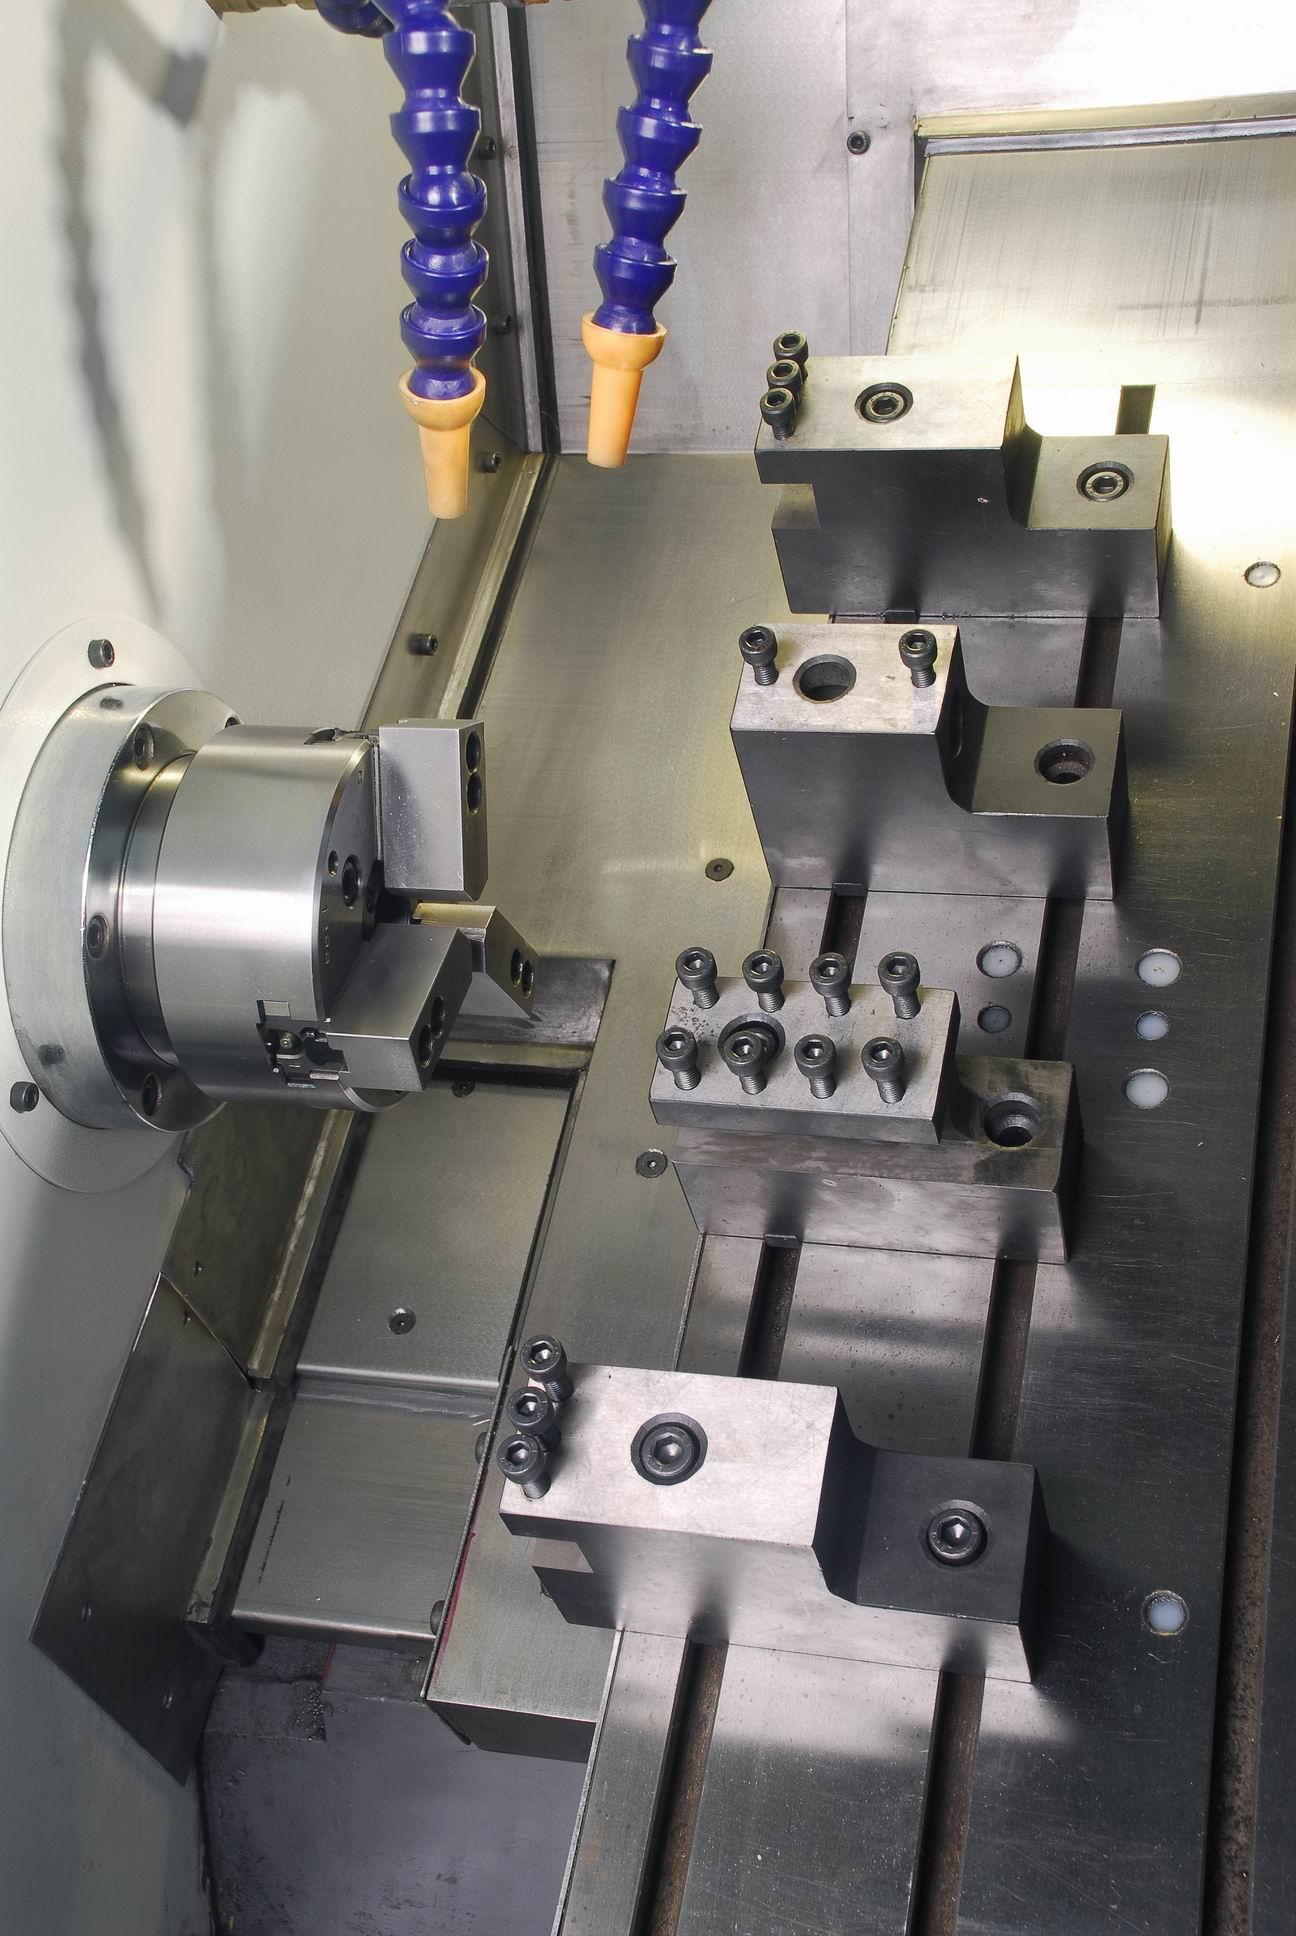 产品库 数控机床 数控机床 数控车床 ck-30 经济型数控车床  5&prime